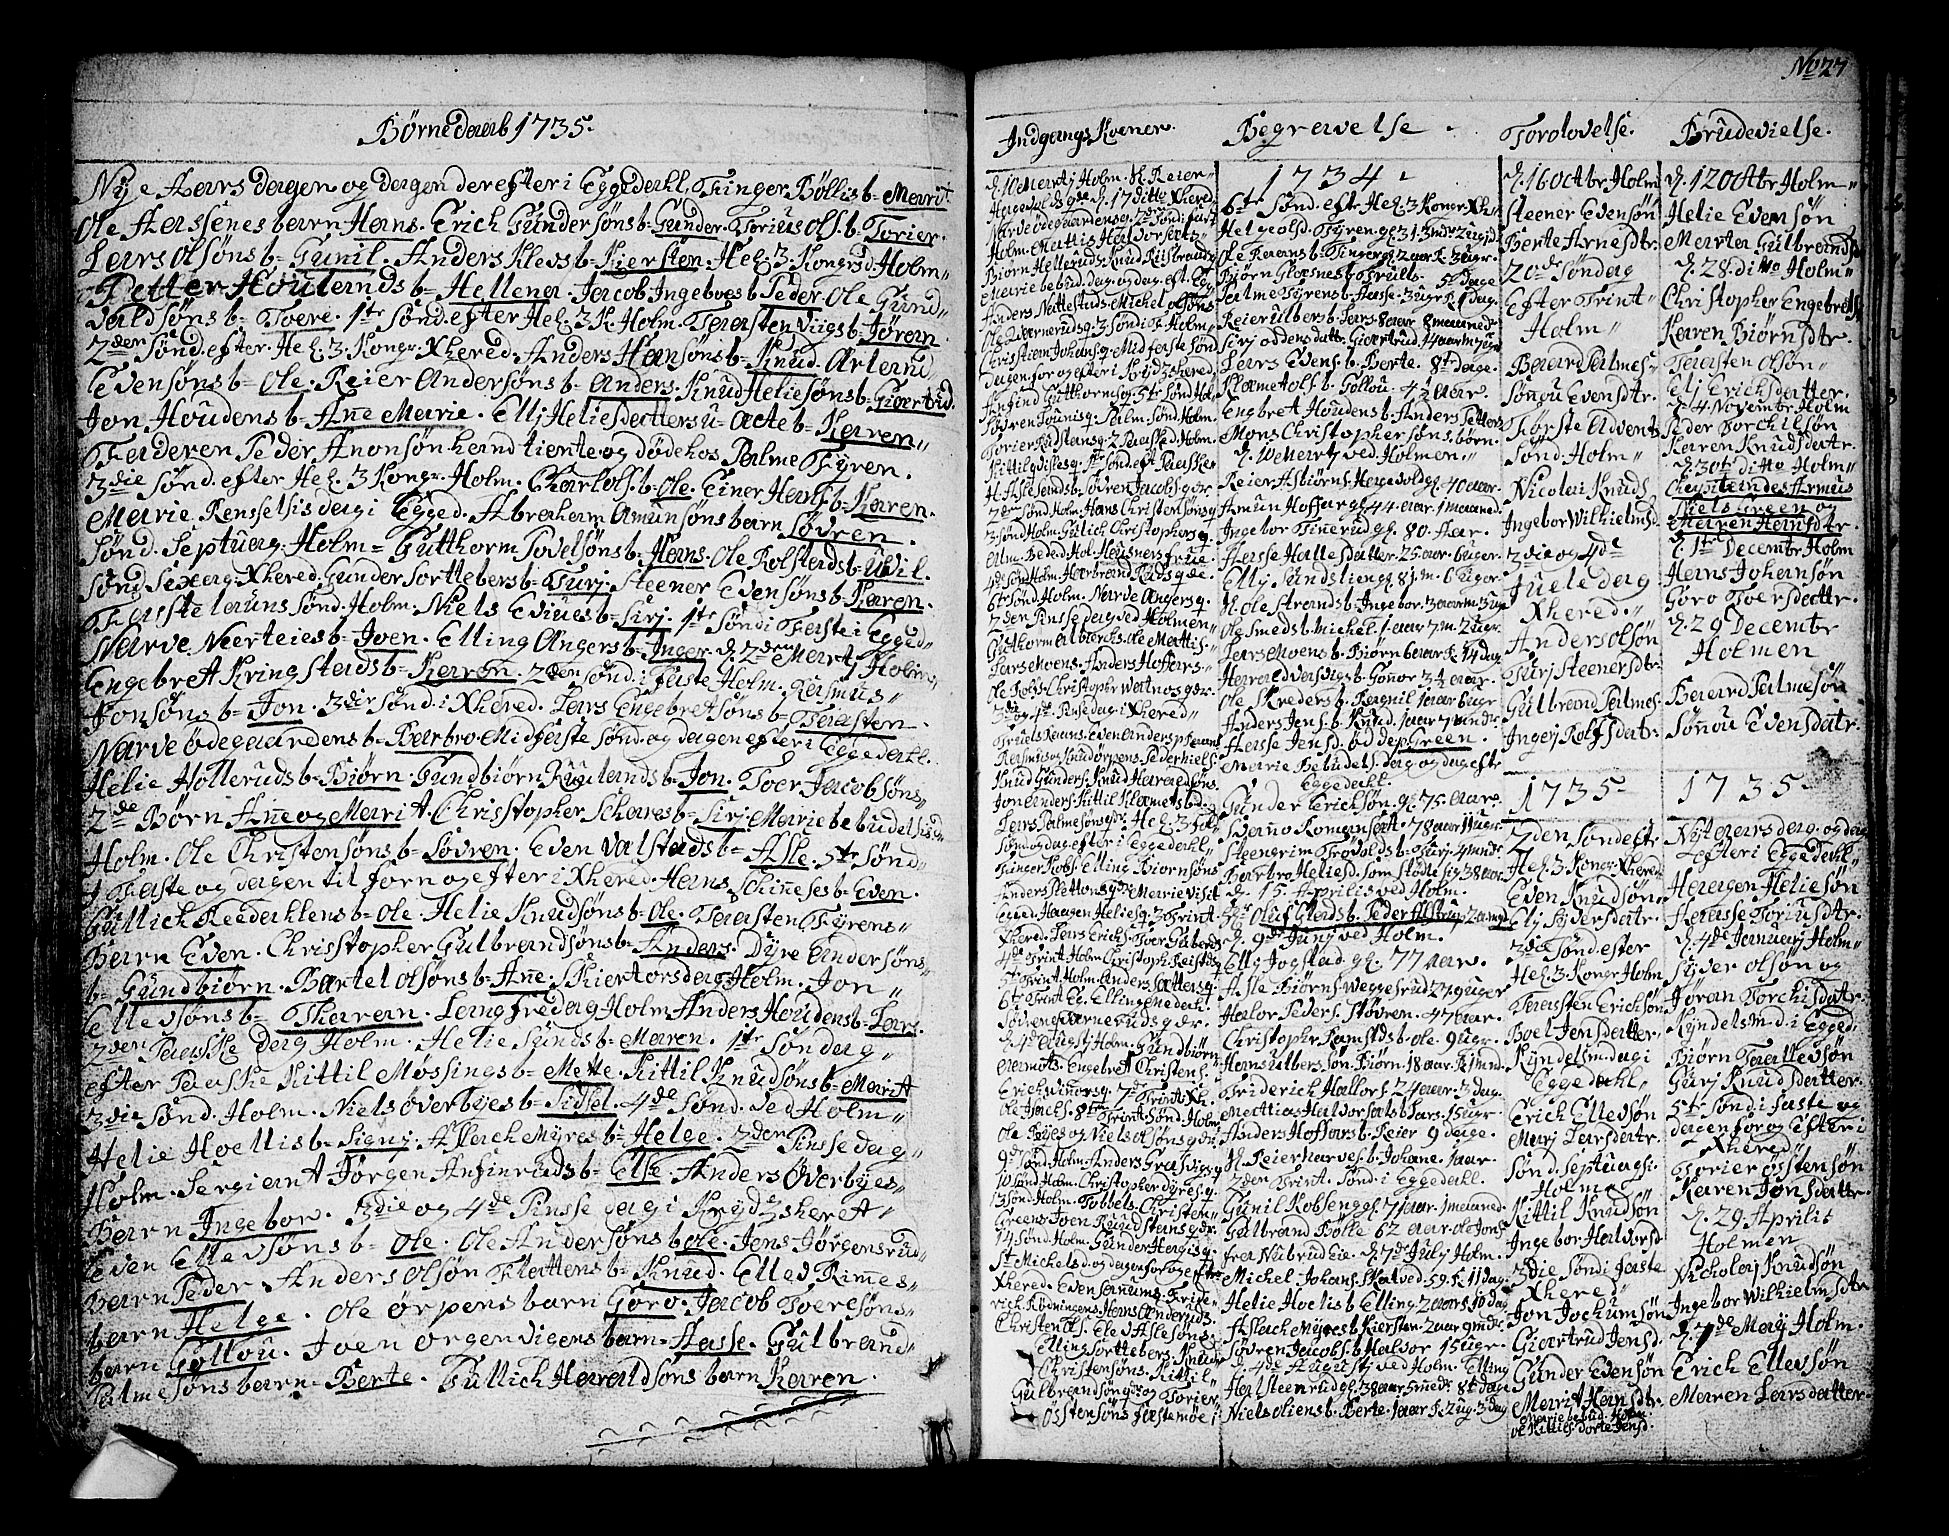 SAKO, Sigdal kirkebøker, F/Fa/L0001: Ministerialbok nr. I 1, 1722-1777, s. 27